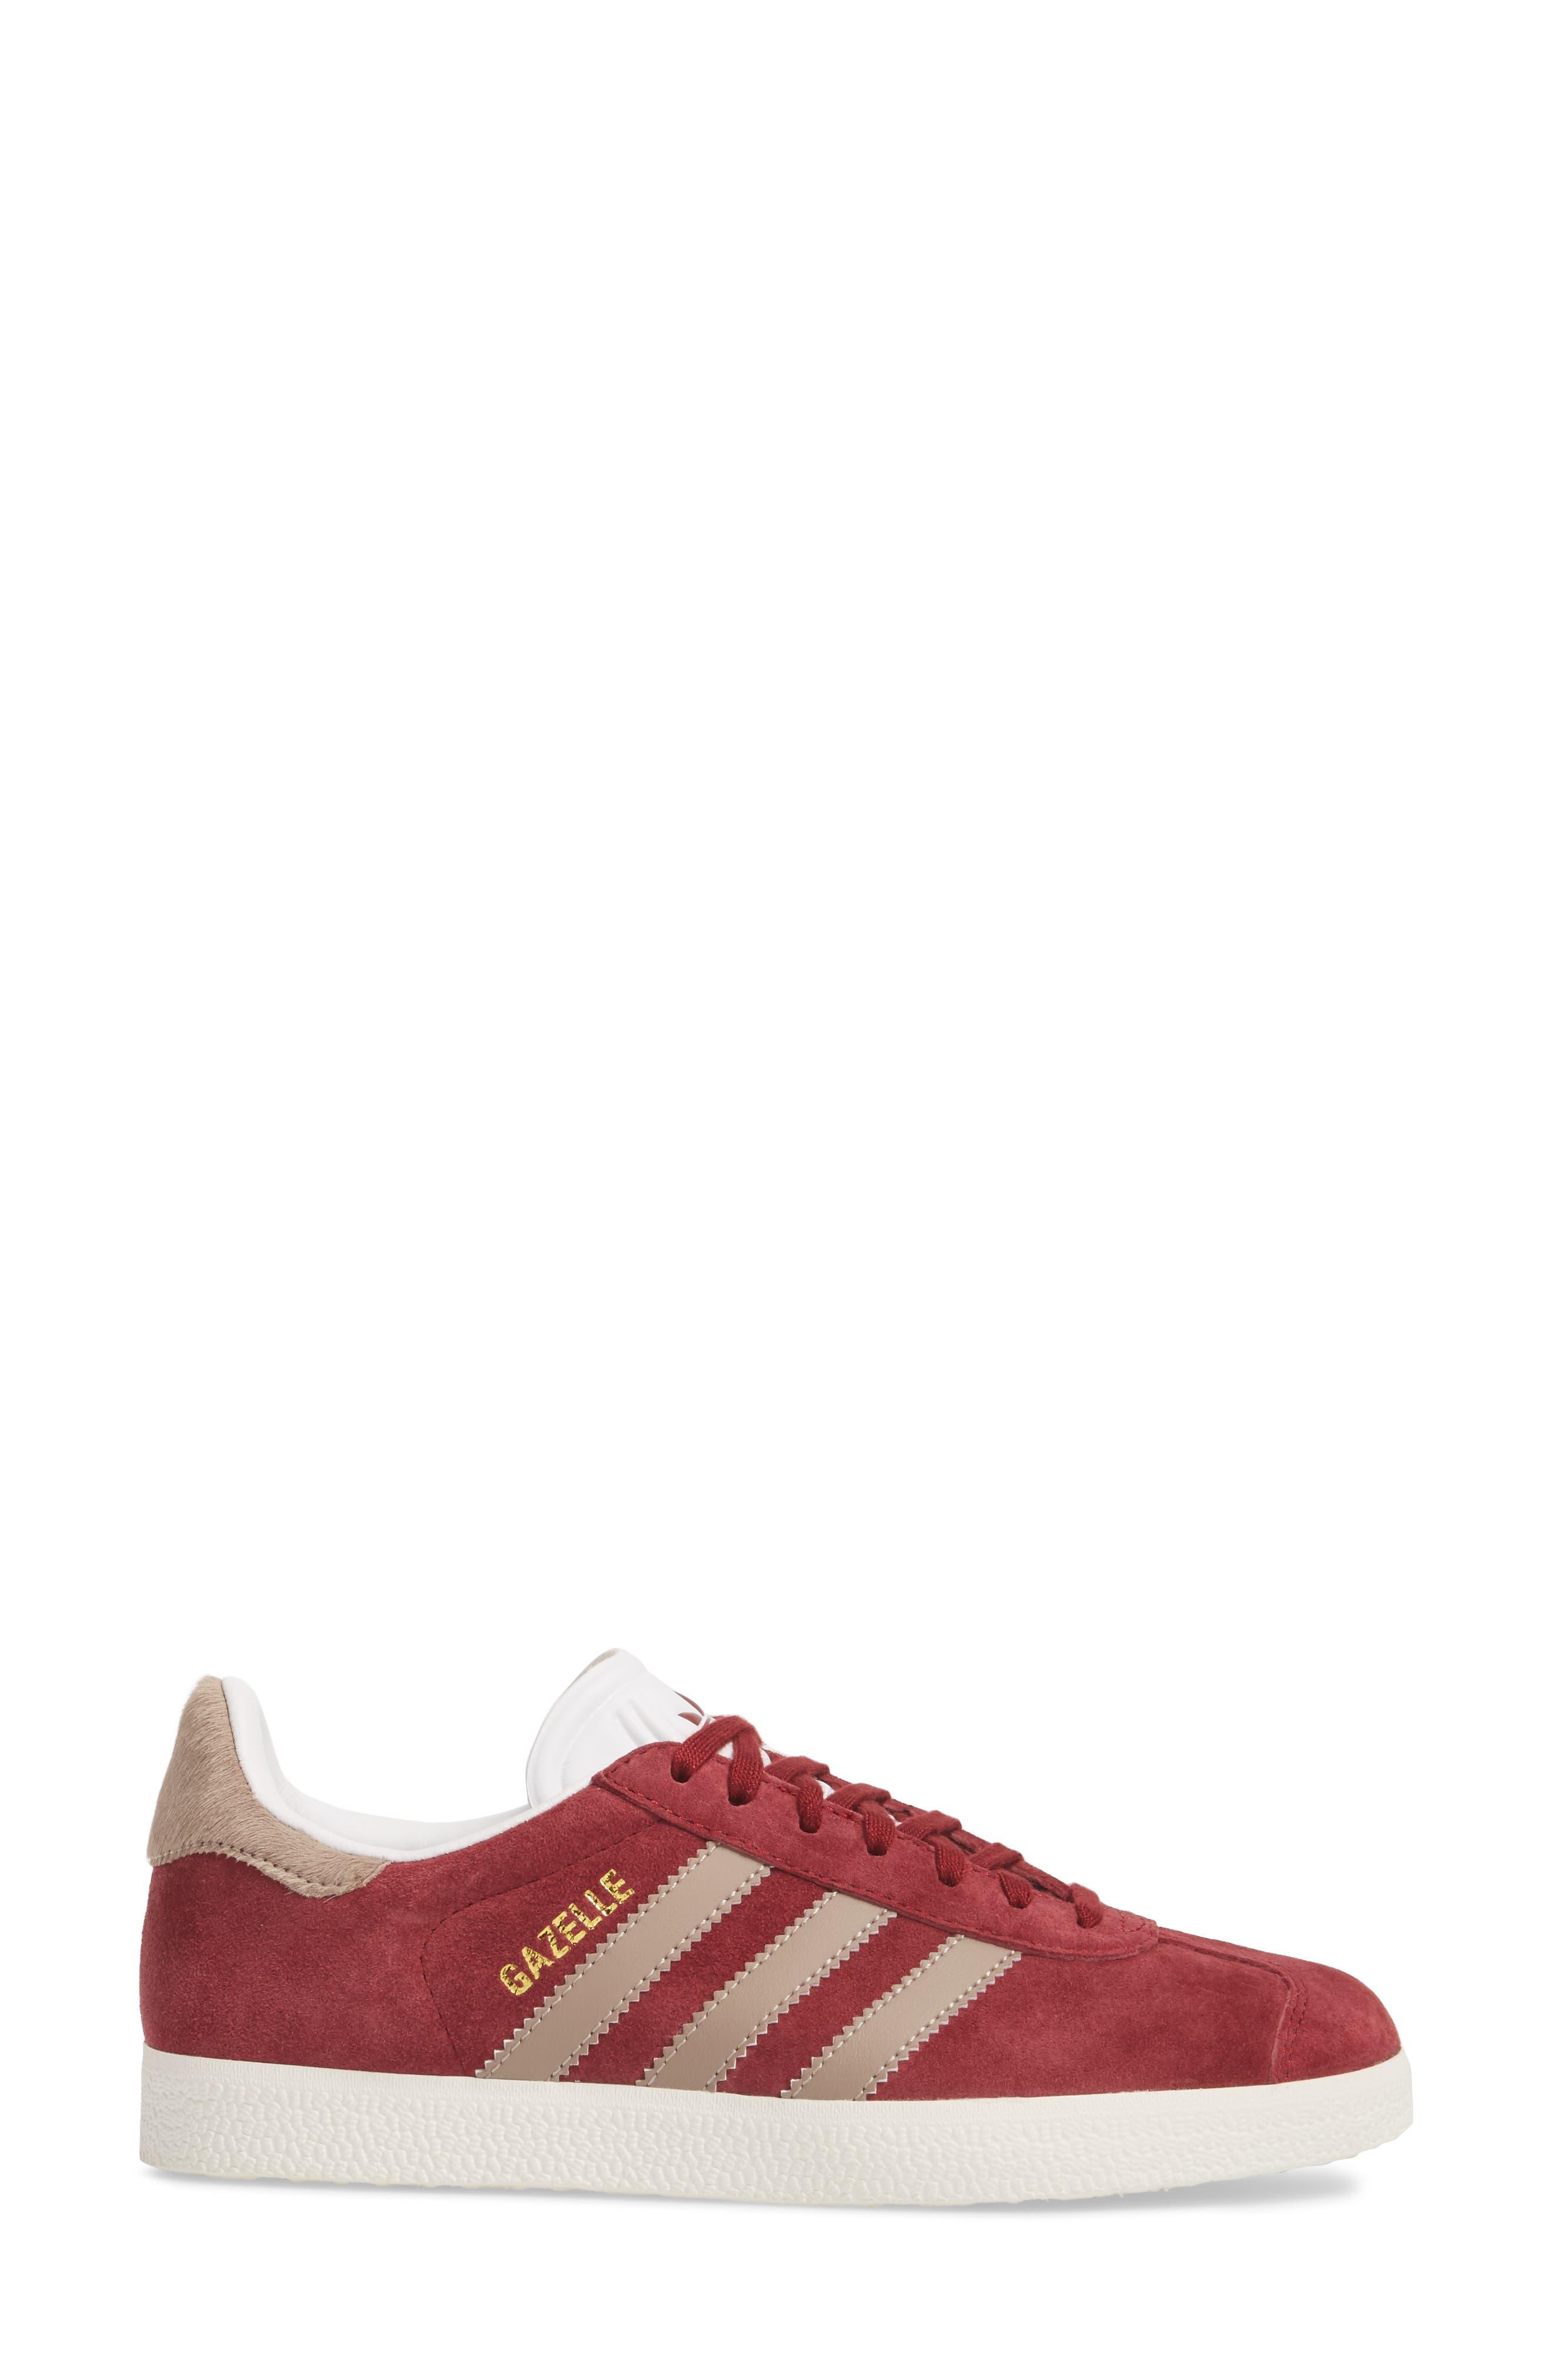 Gazelle Sneaker,                             Alternate thumbnail 3, color,                             Burgundy/ Vapour Grey/ White